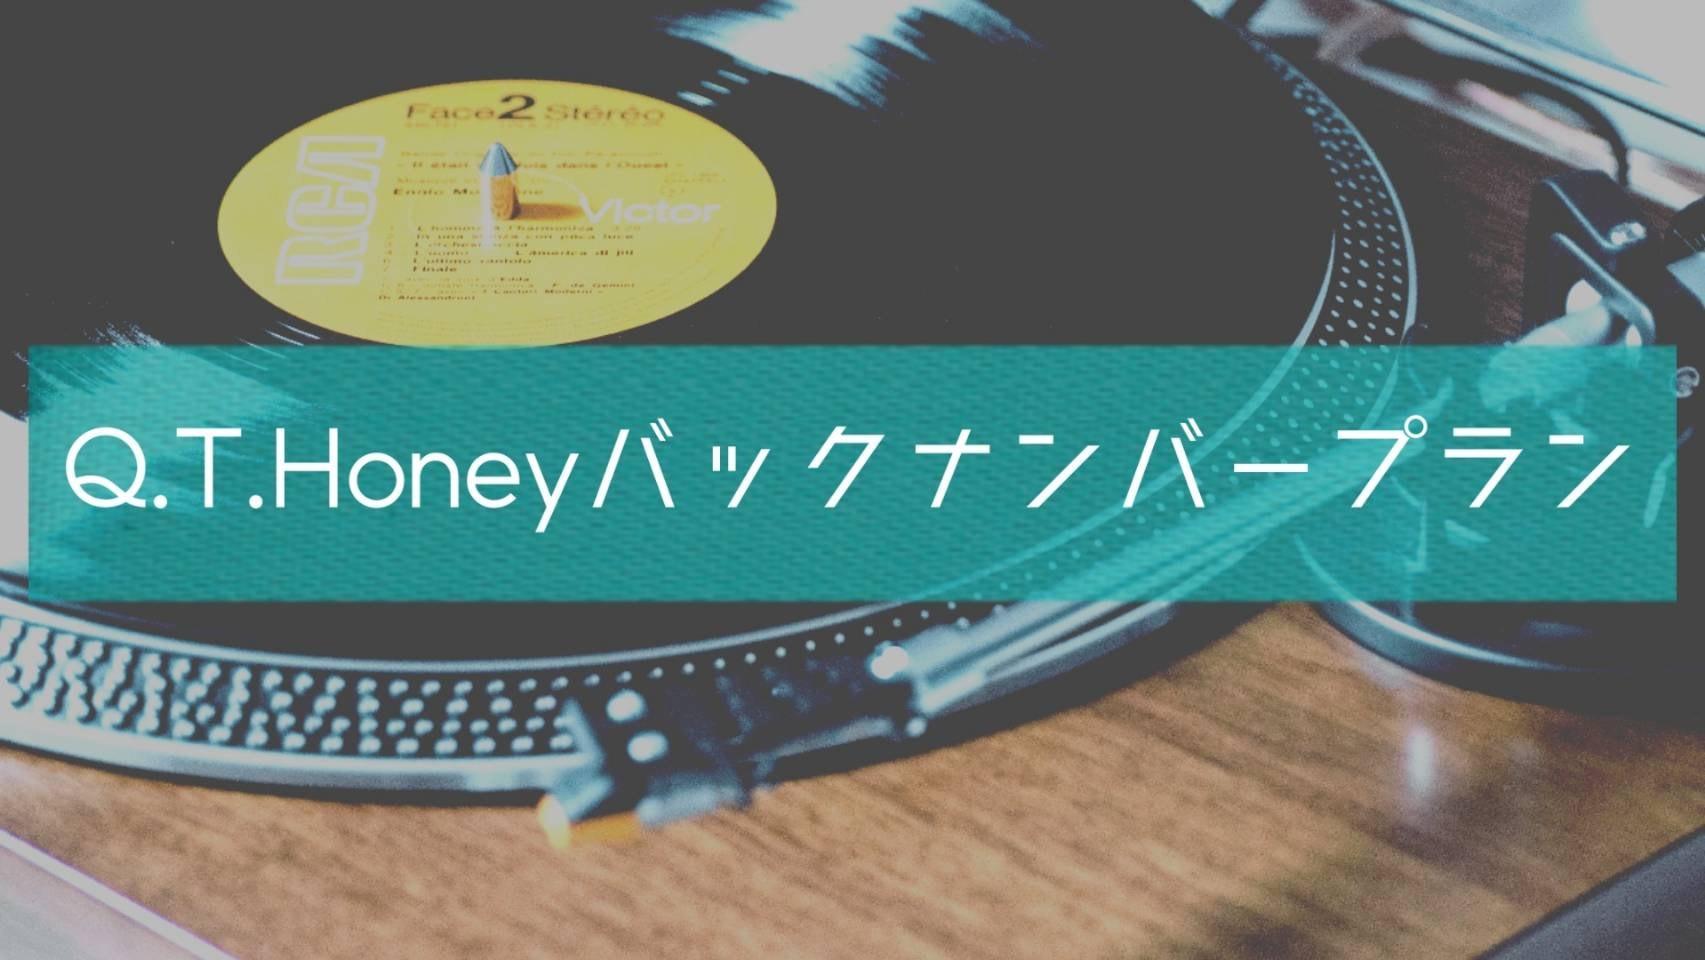 ☆〜追加プラン〜〈Q.T.Honey バックナンバープラン〉